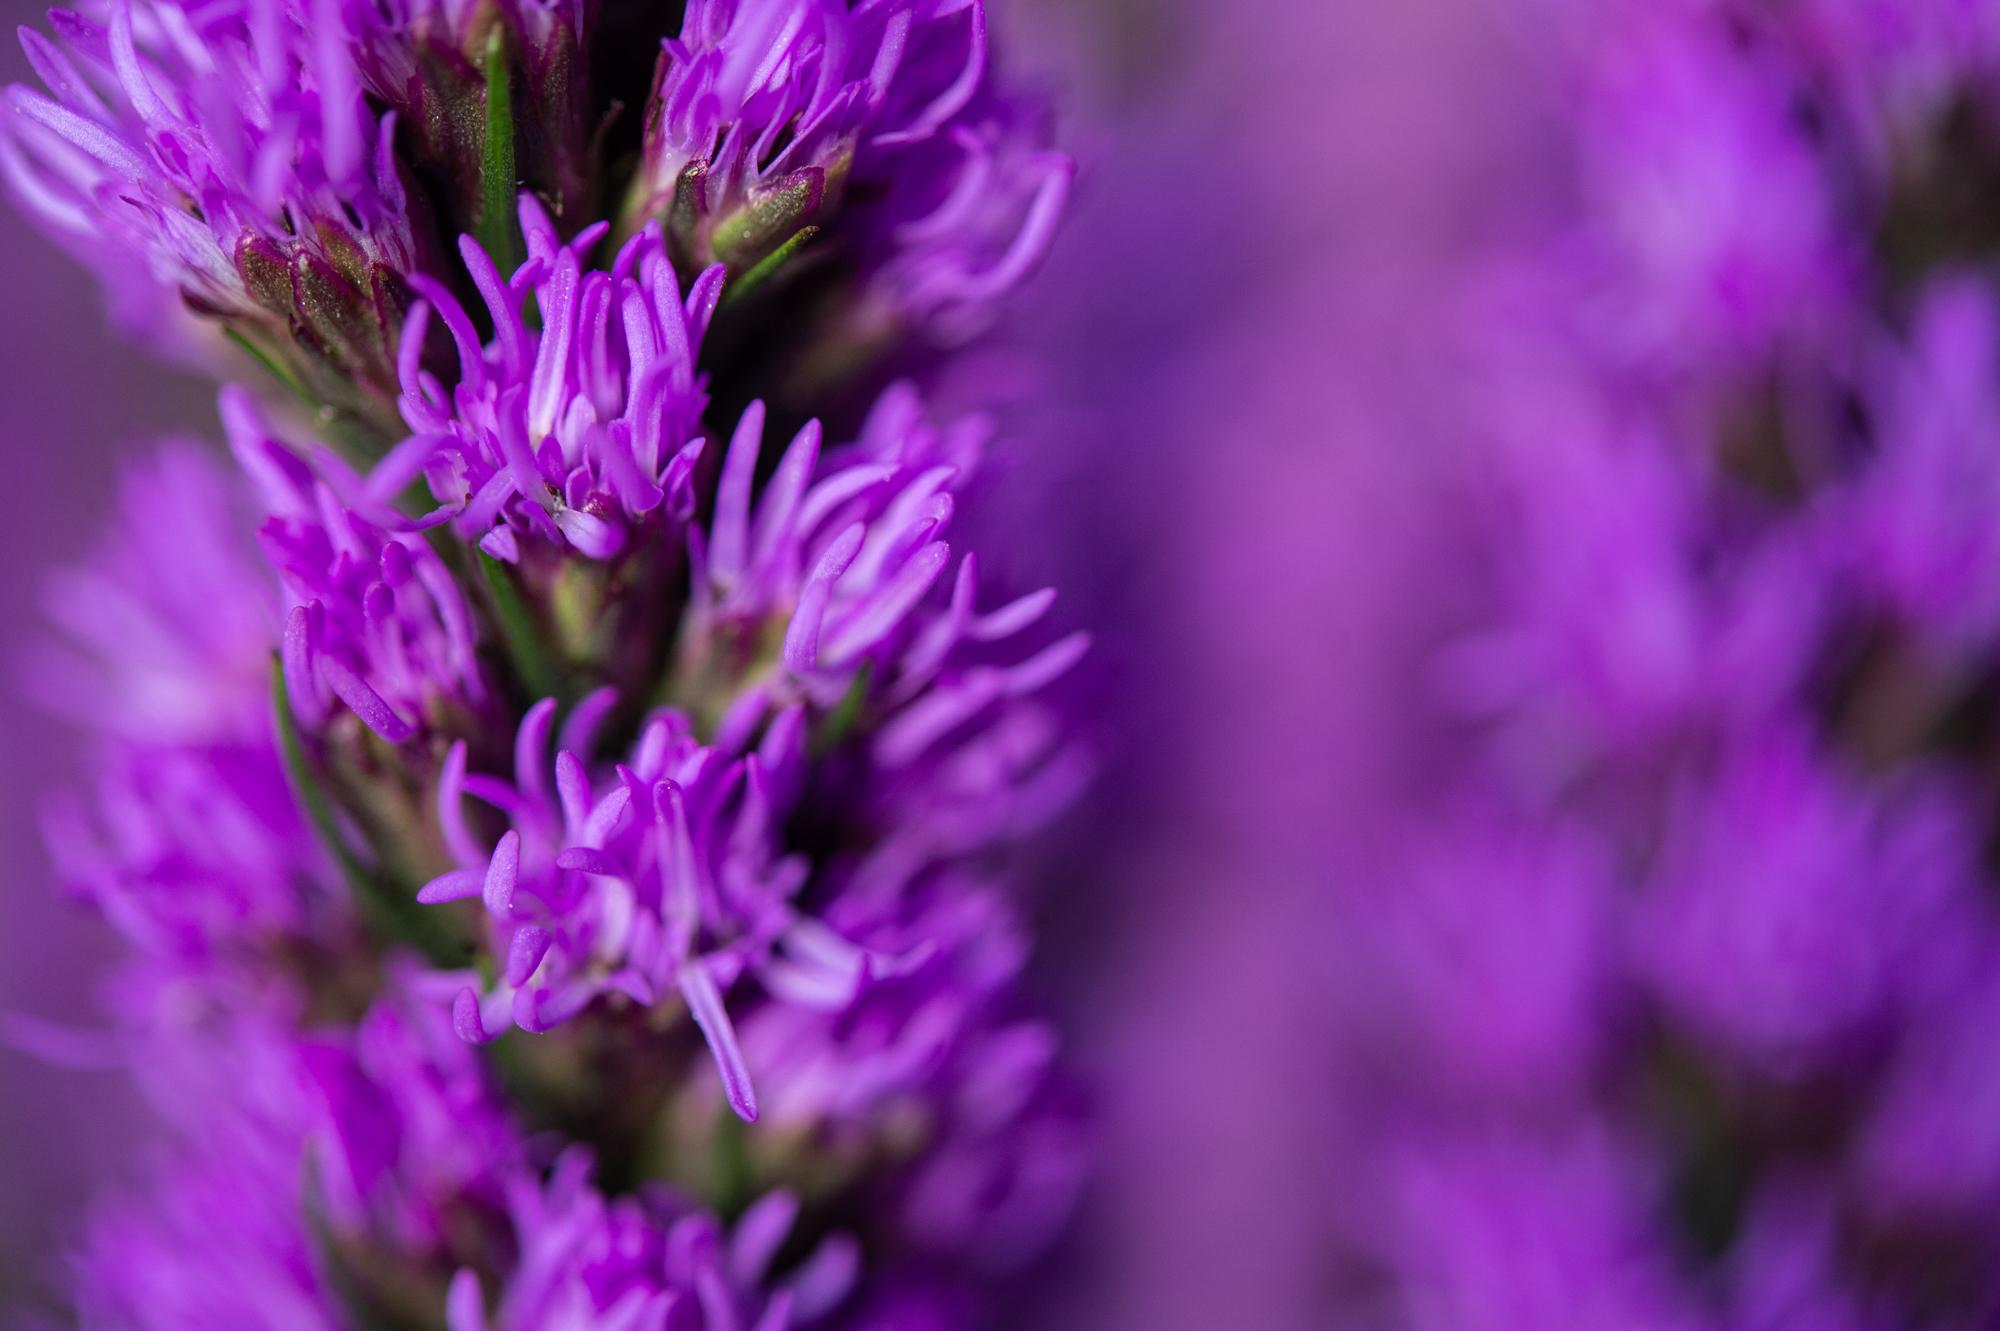 017_flowerpedia_005_flowerpedia1__SP45236.jpg